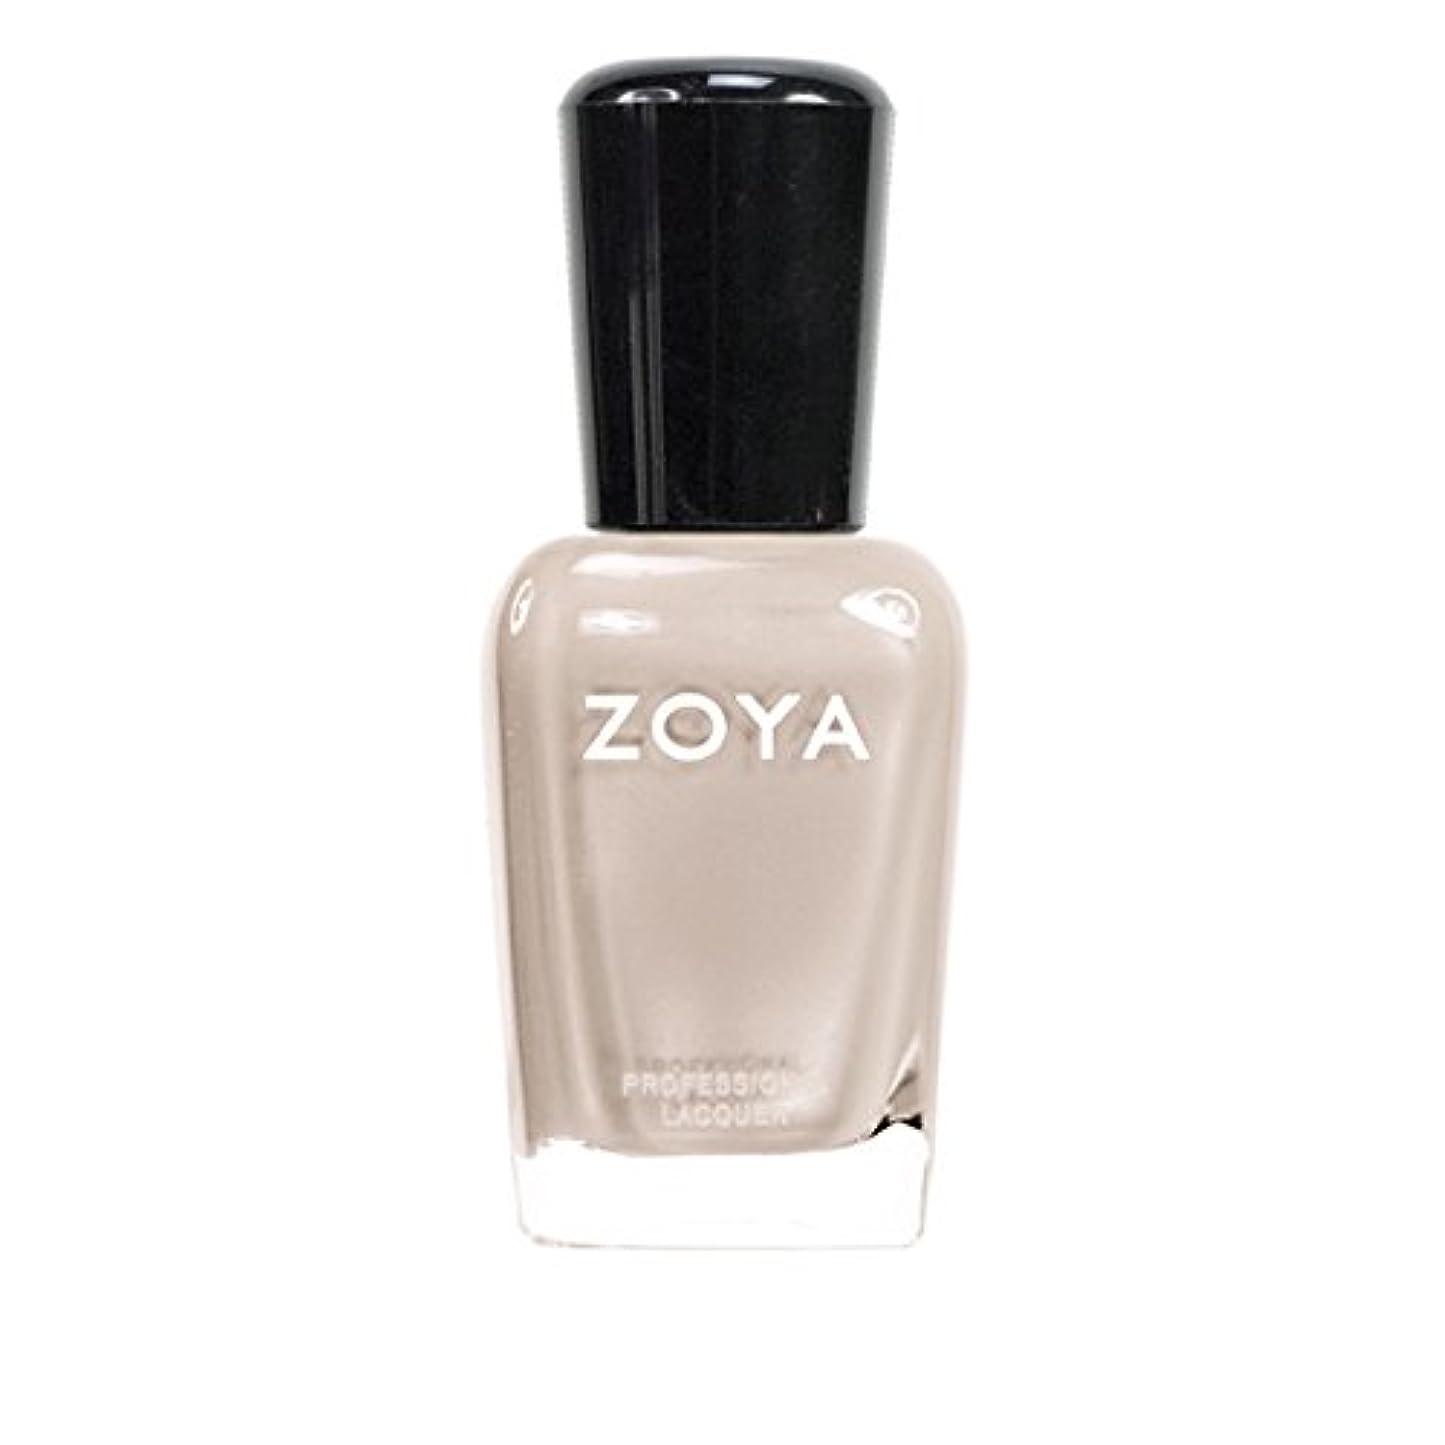 続編水を飲む不従順ZOYA ゾーヤ ネイルカラーZP561 MINKA ミンカ 15ml 乳白色のヌードベージュ マット 爪にやさしいネイルラッカーマニキュア